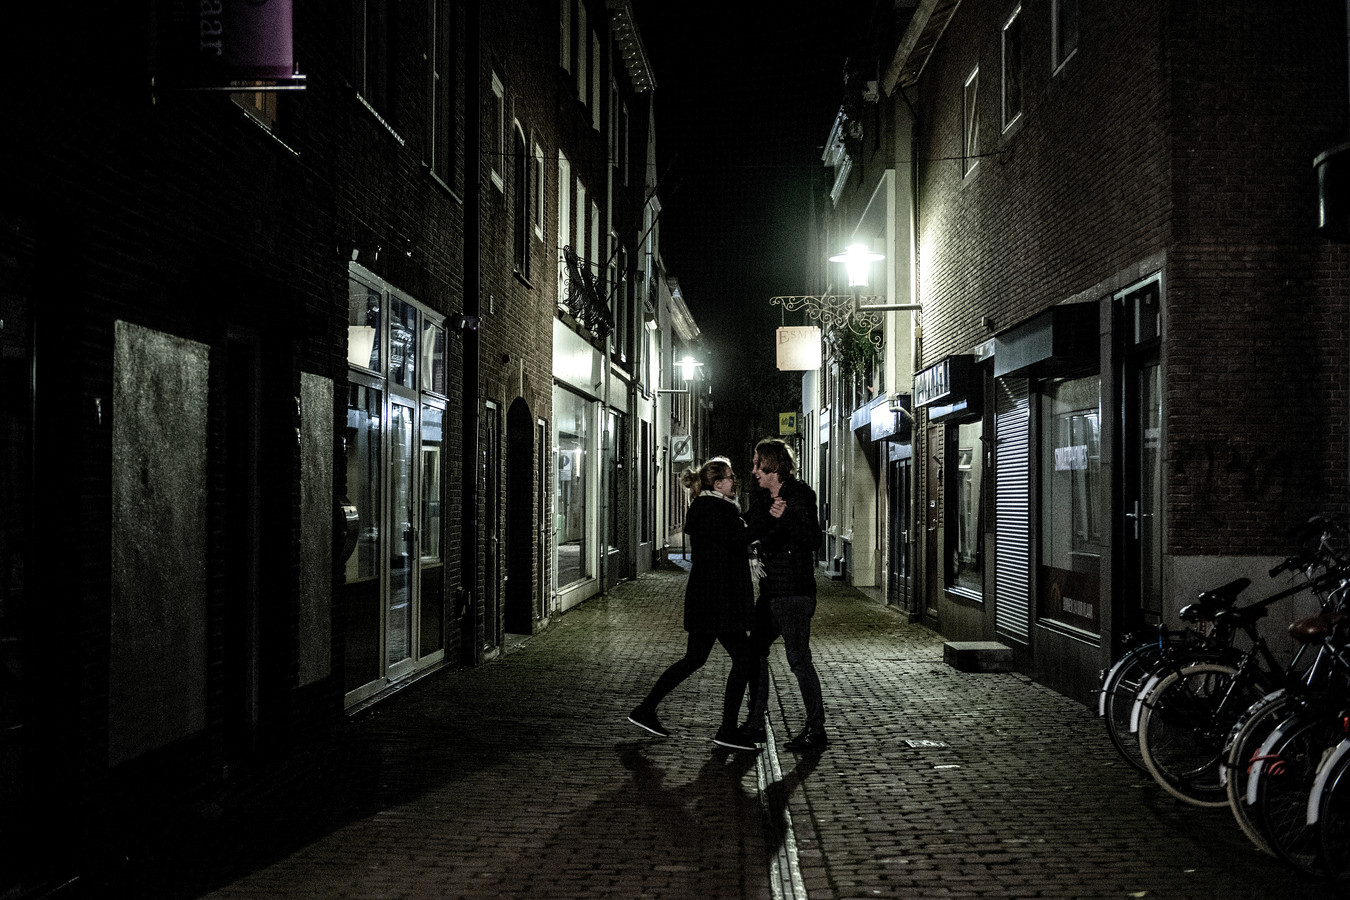 Jacqueline van der Heijden uit Tiel en Niels van Kooten uit Rhenen oefenen nog even in de Kerkstraat de danspasjes die ze zojuist hebben geleerd tijdens de dansles bij dansschool Wildschut in Tiel.